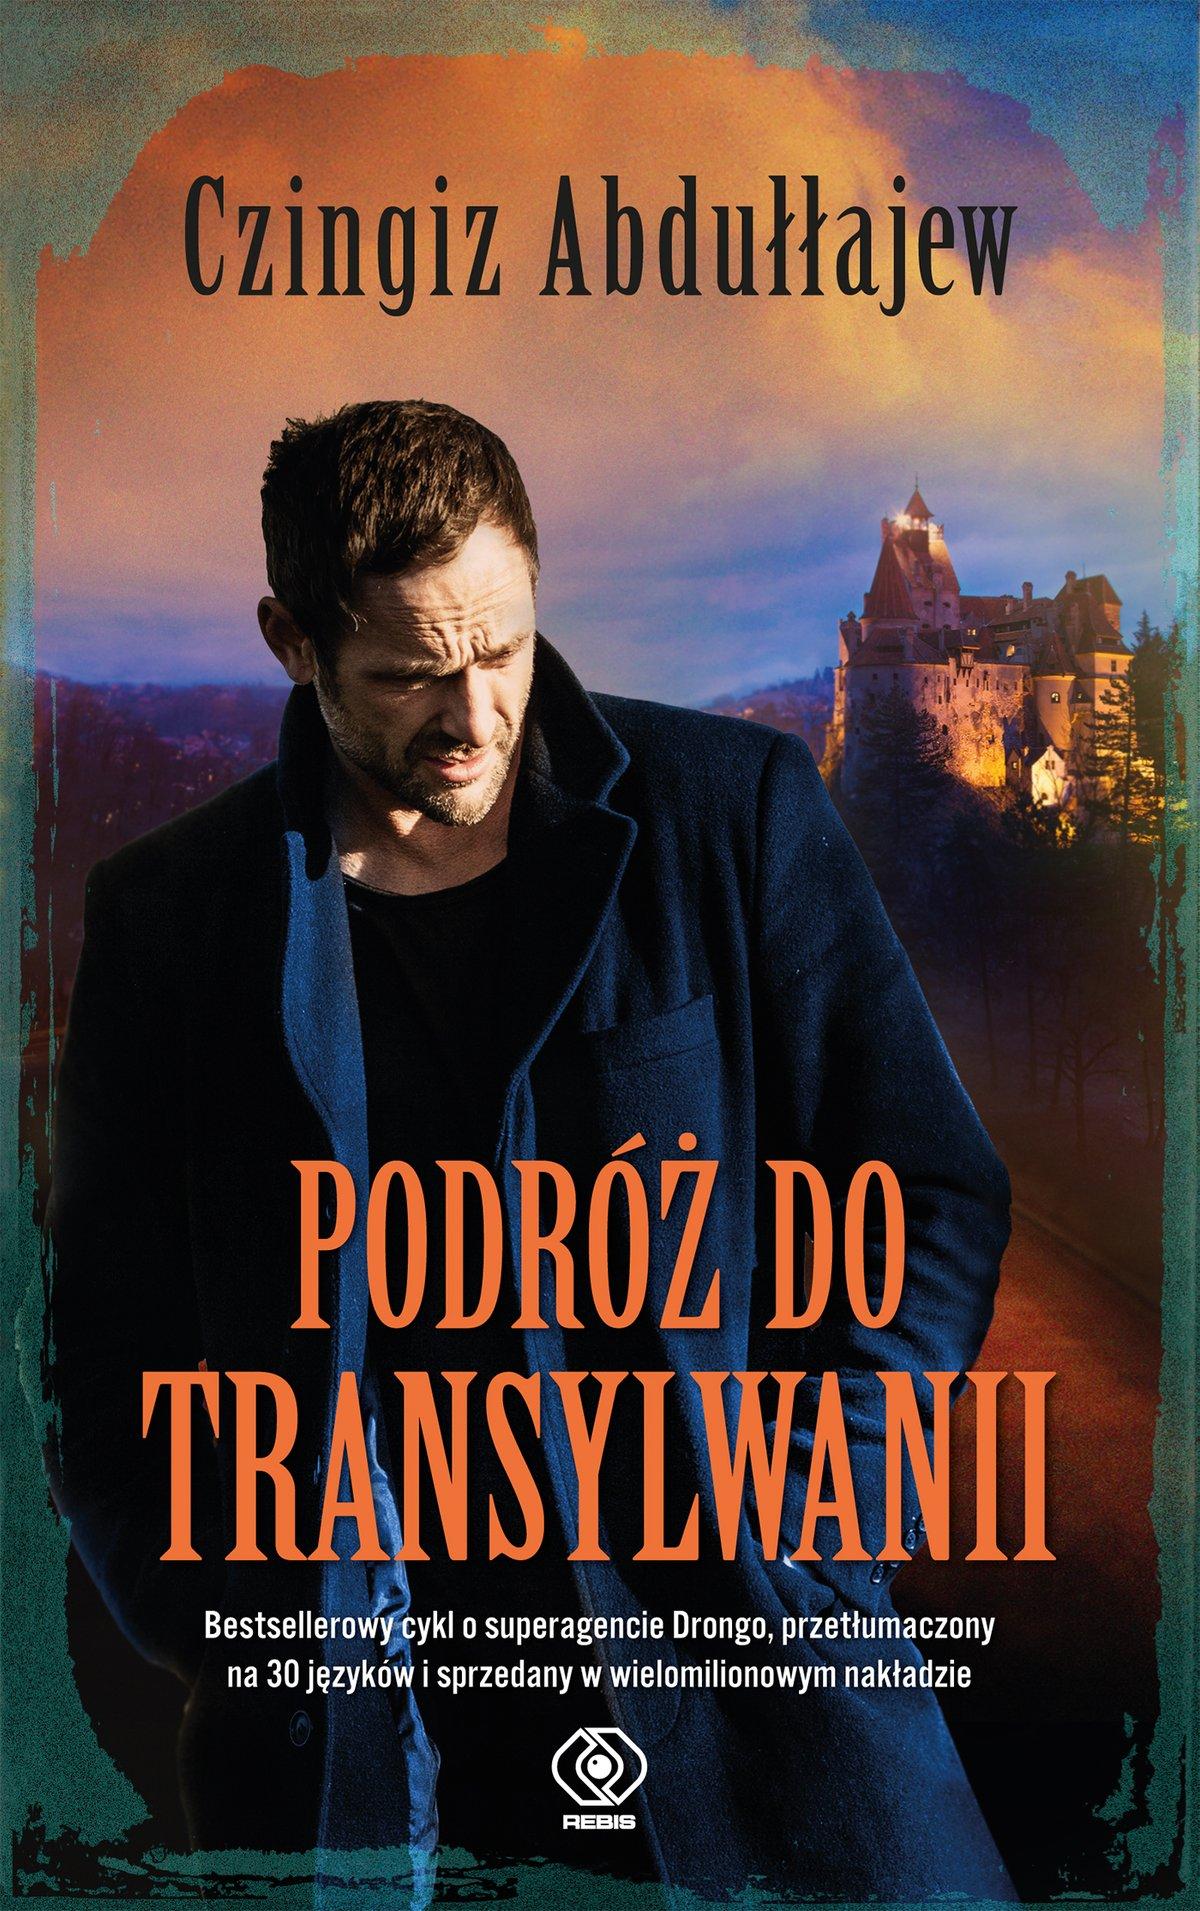 Podróż do Transylwanii - Ebook (Książka na Kindle) do pobrania w formacie MOBI